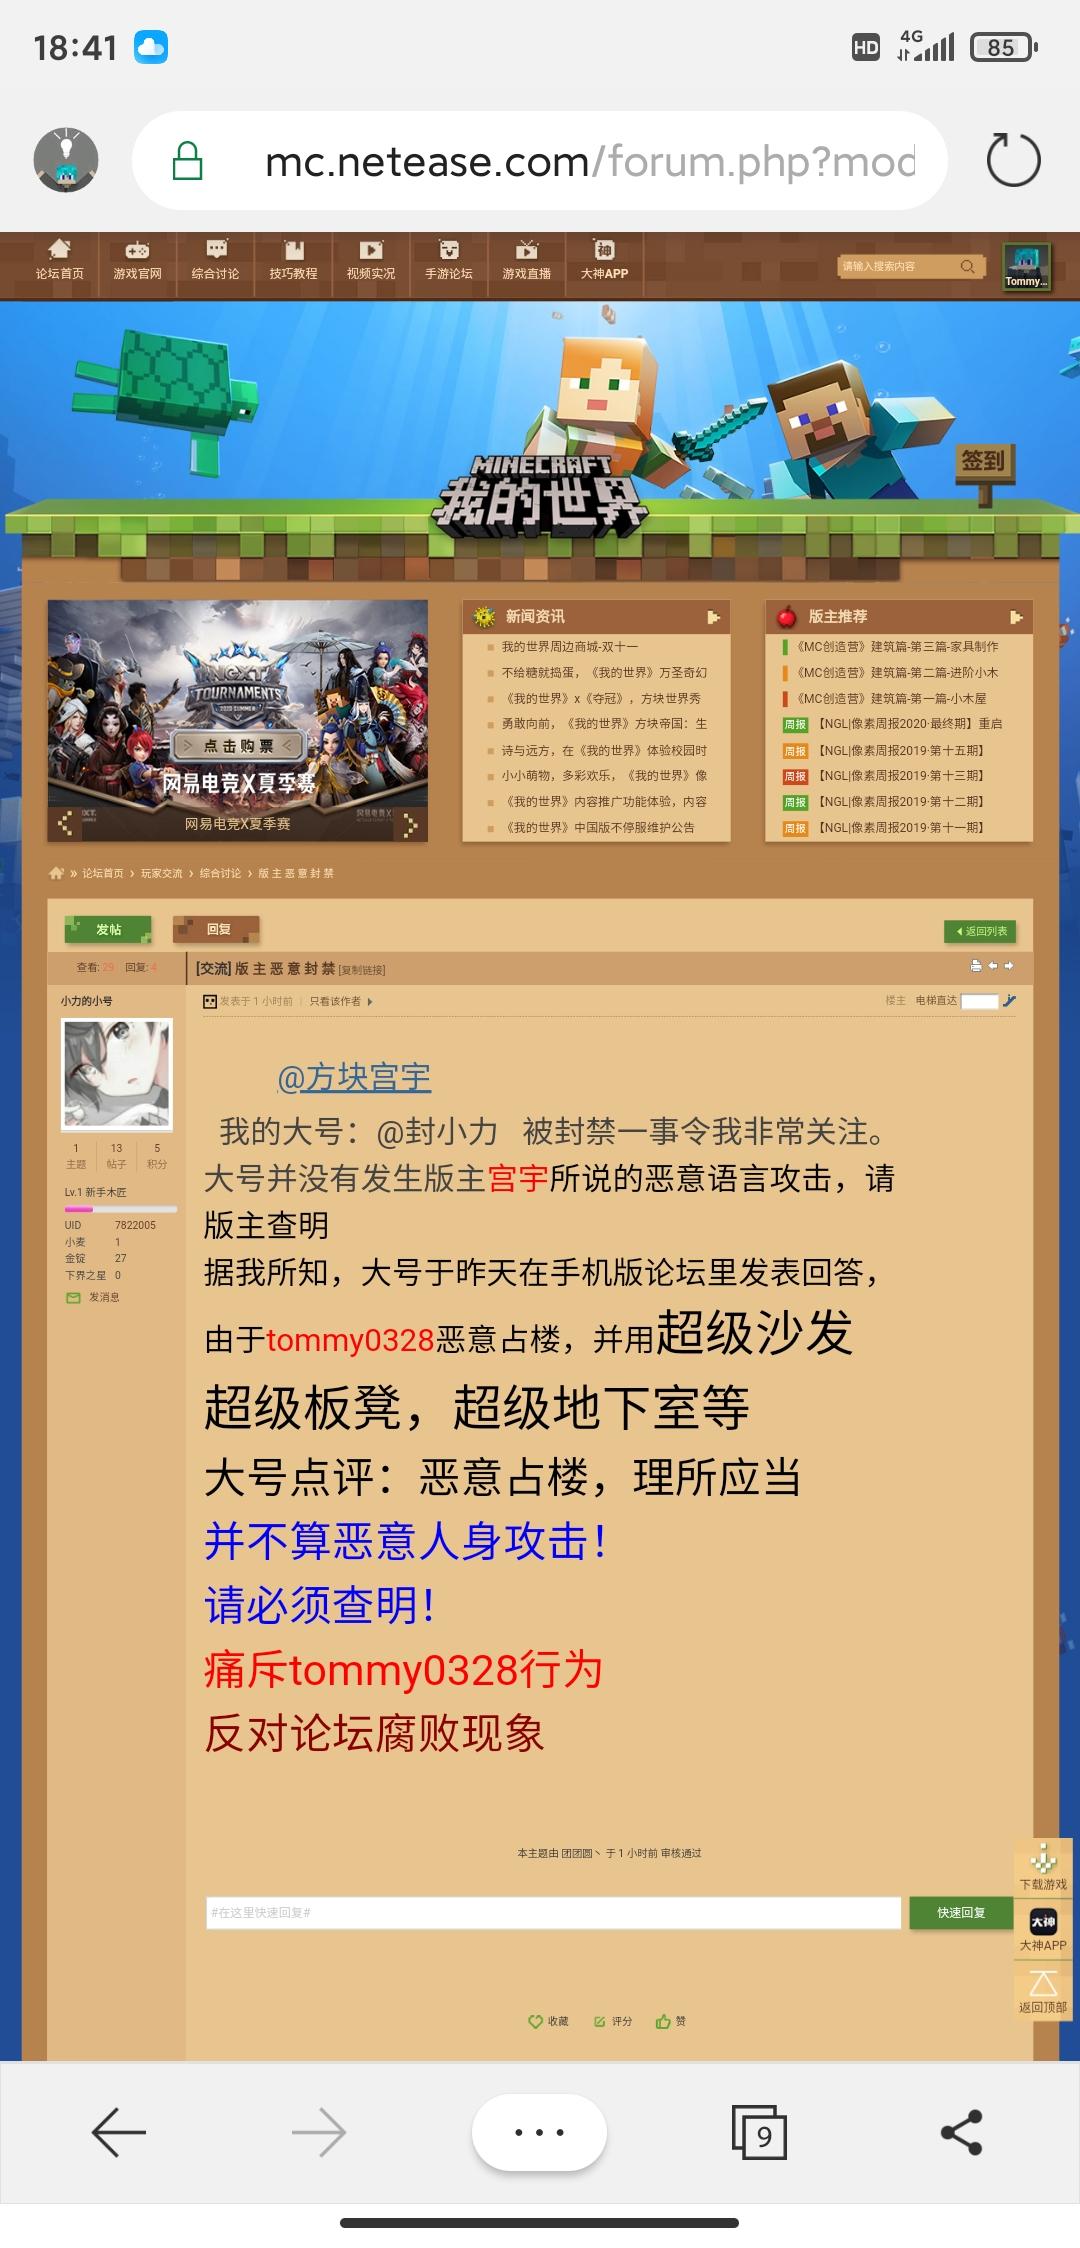 Screenshot_2020-11-05-18-41-55-809_com.microsoft.emmx.jpg